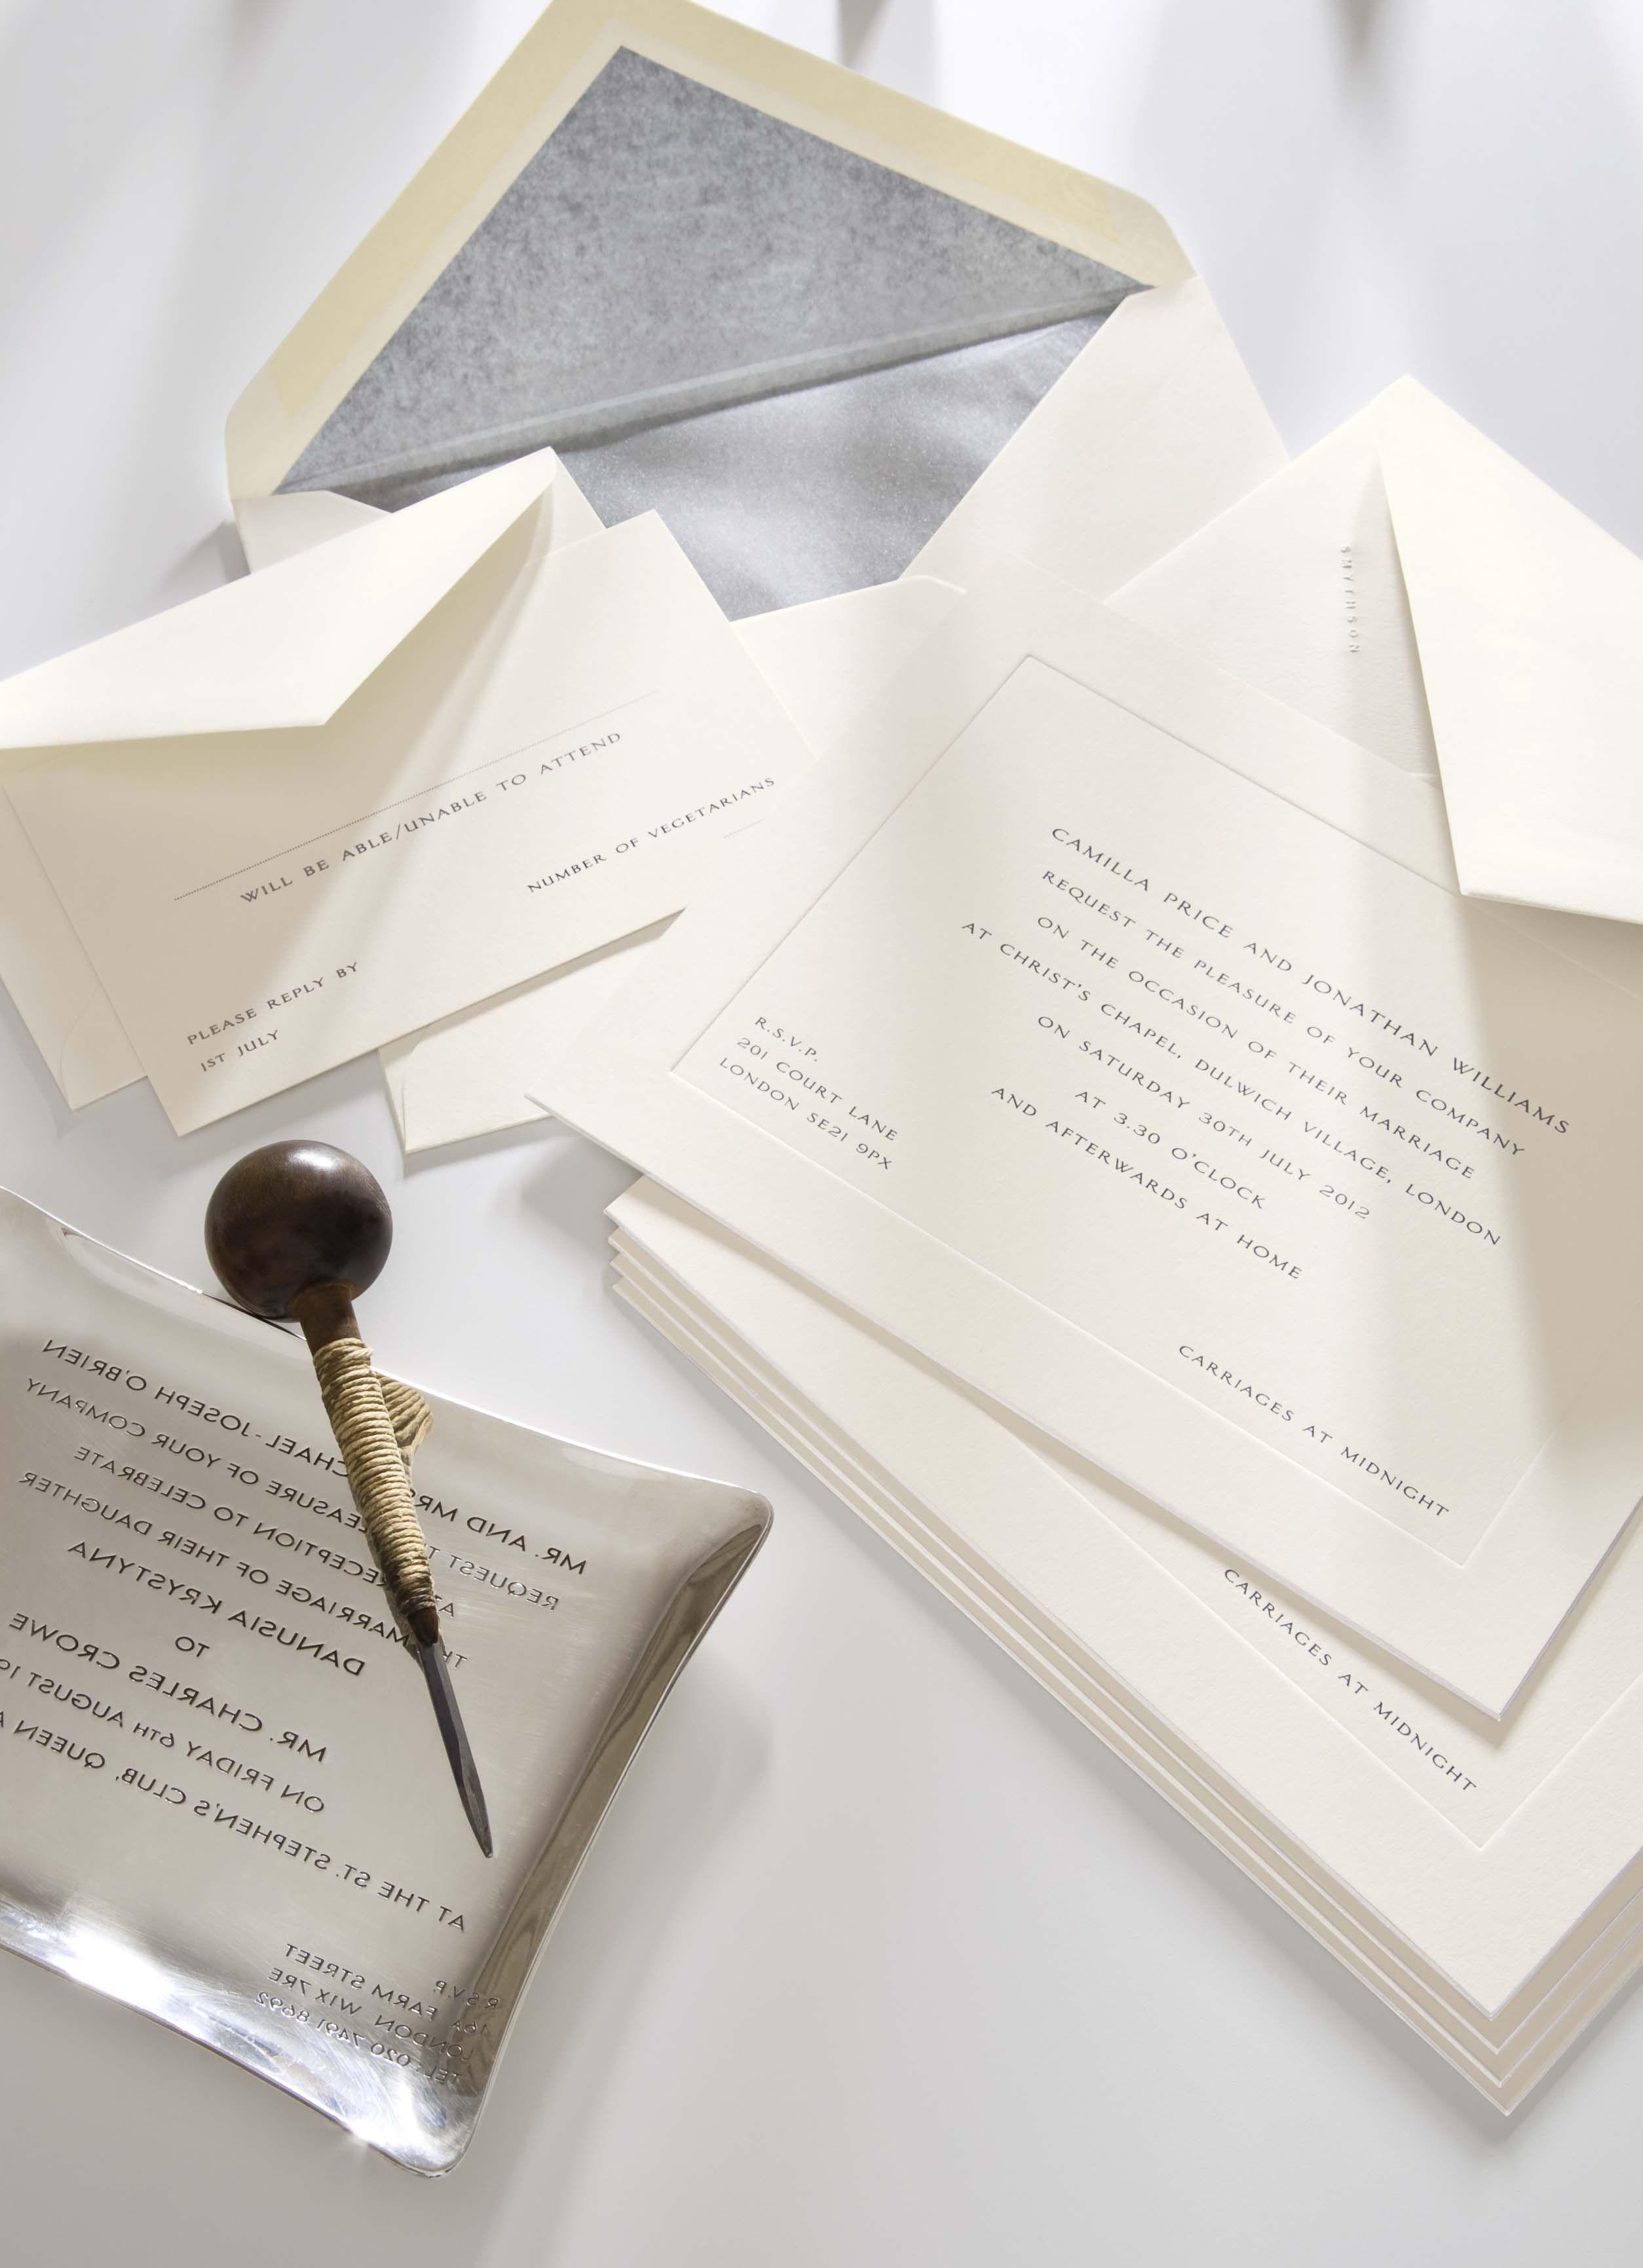 Smythson wedding invites | WEDDINGS Stationery | Pinterest